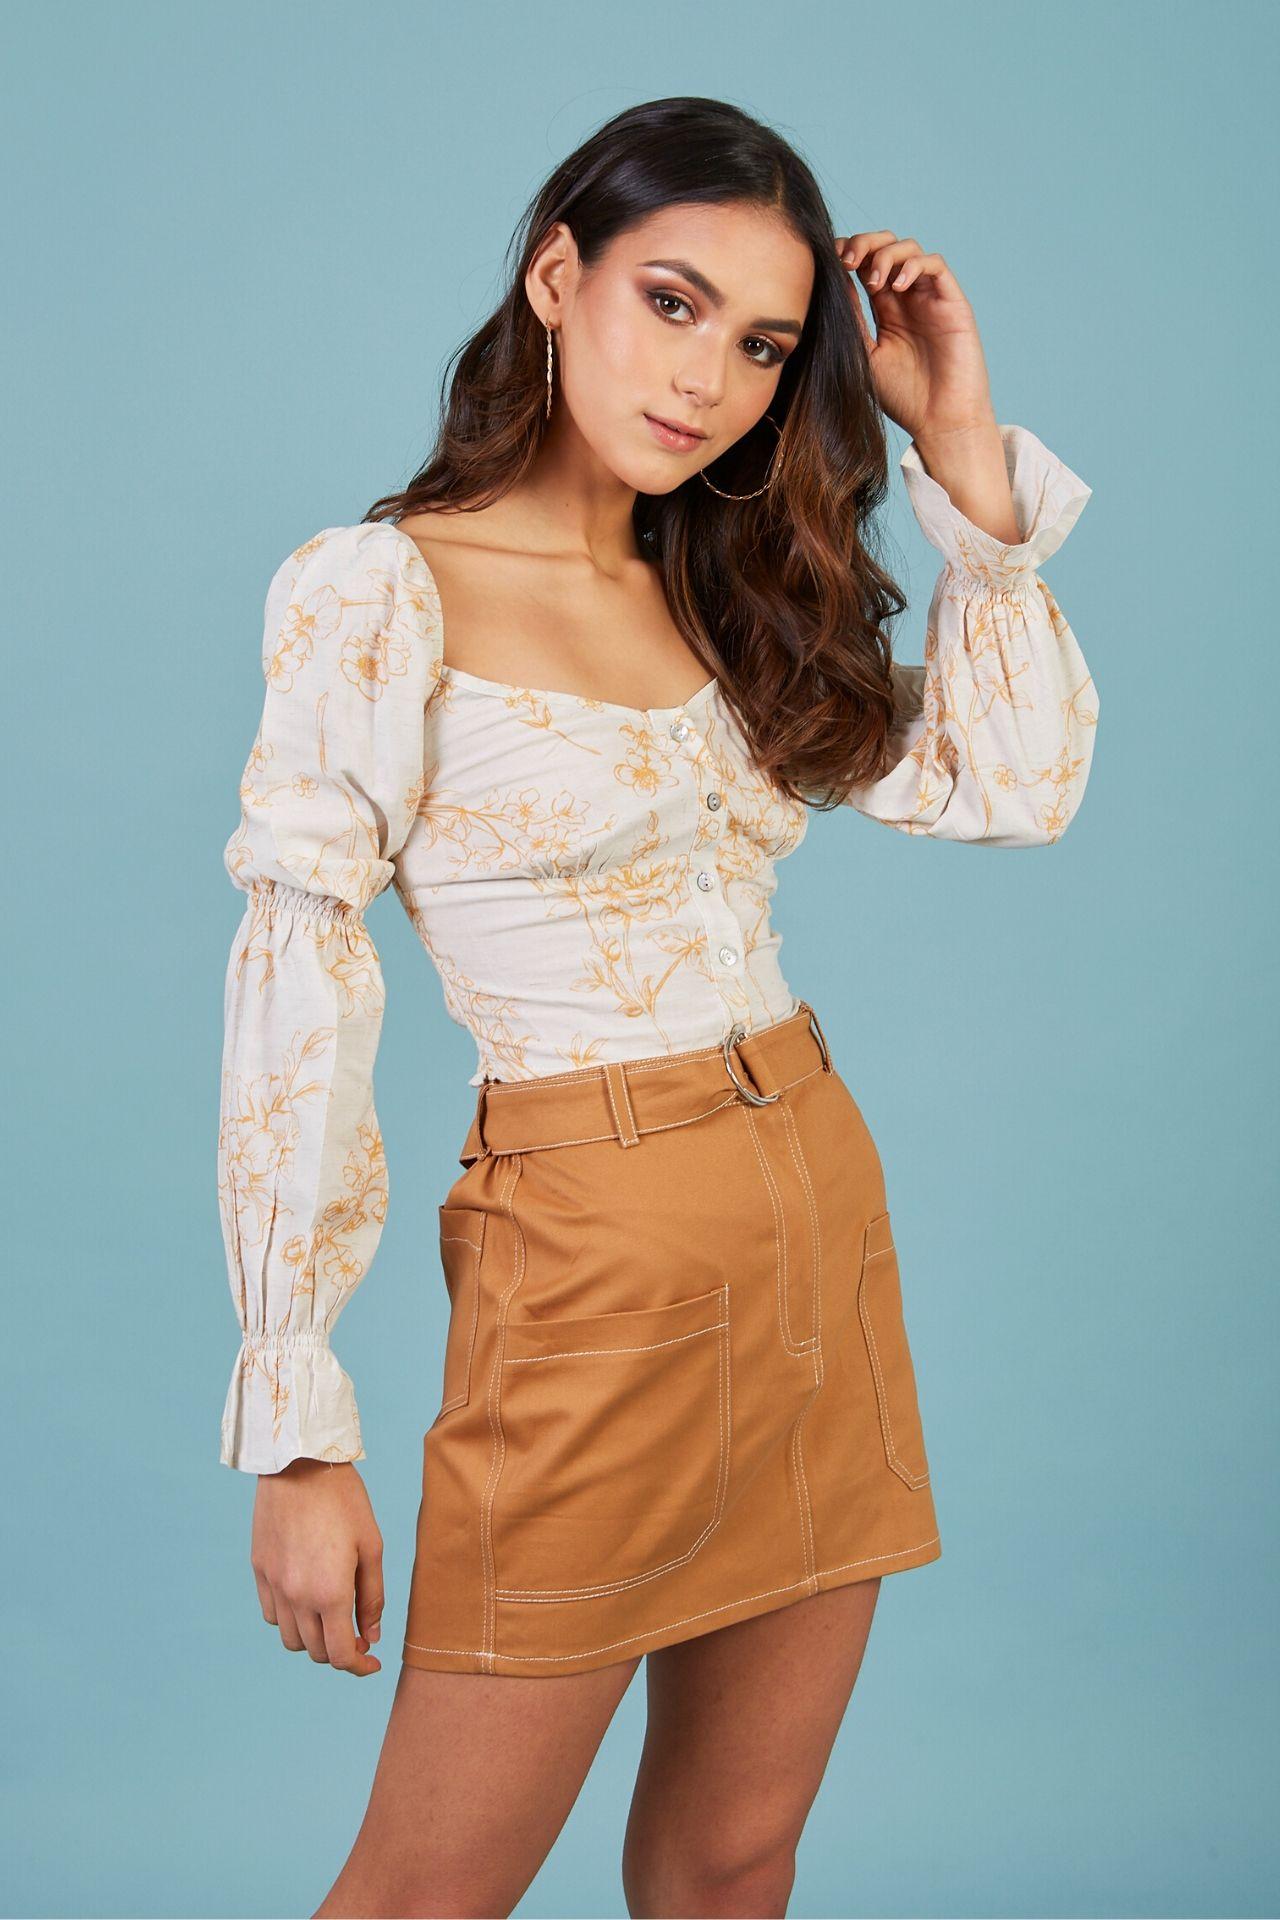 Mini falda en drill con pespunte en contraste, bolsillos tipo parche.  Material: 100% algodón